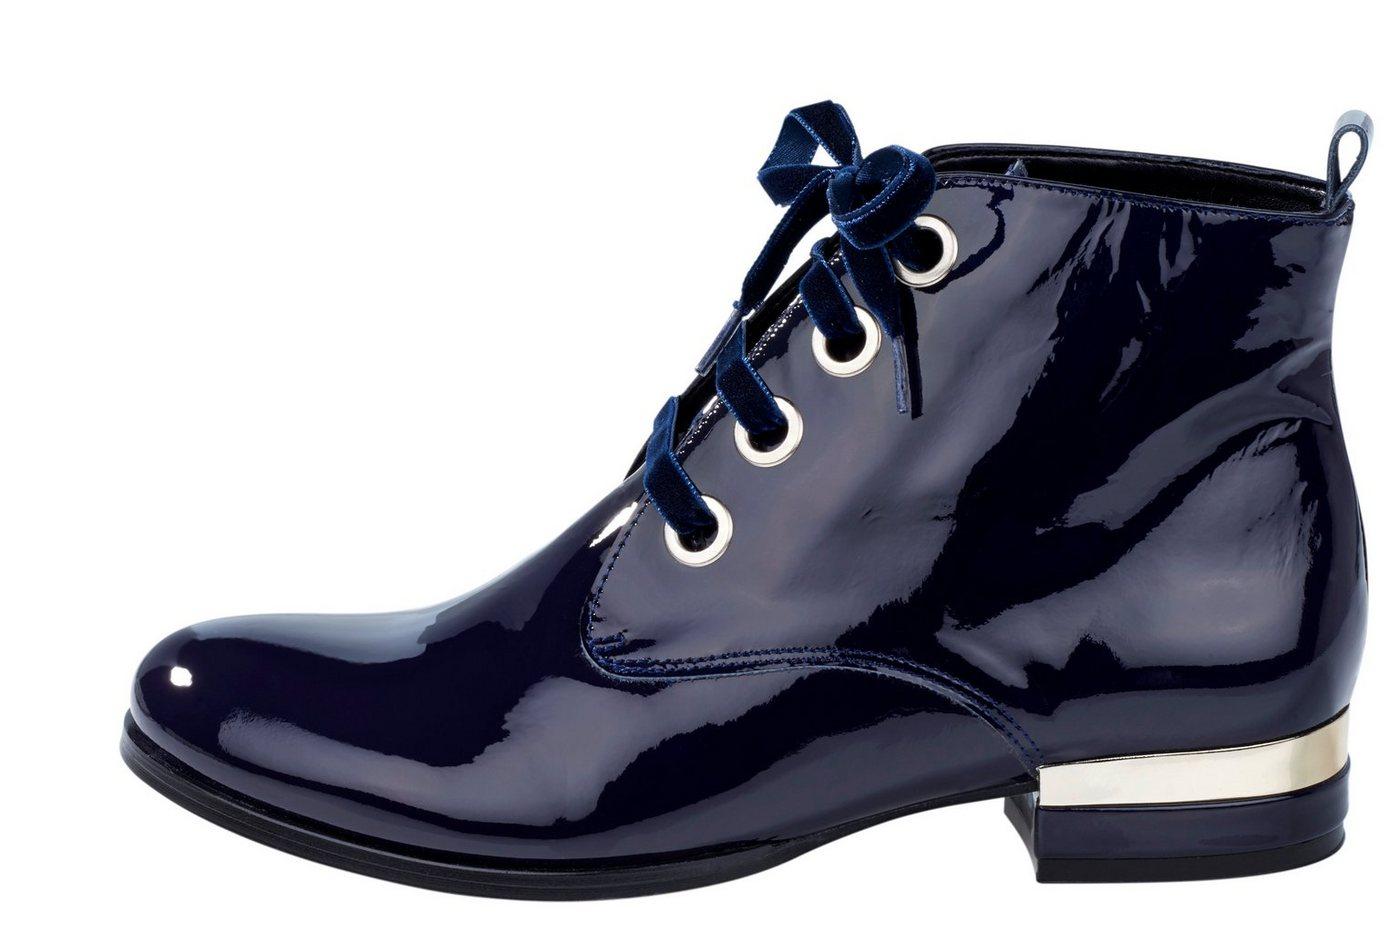 Damen Heine Schnürstiefelette in Lack-Optik blau | 08495132046354